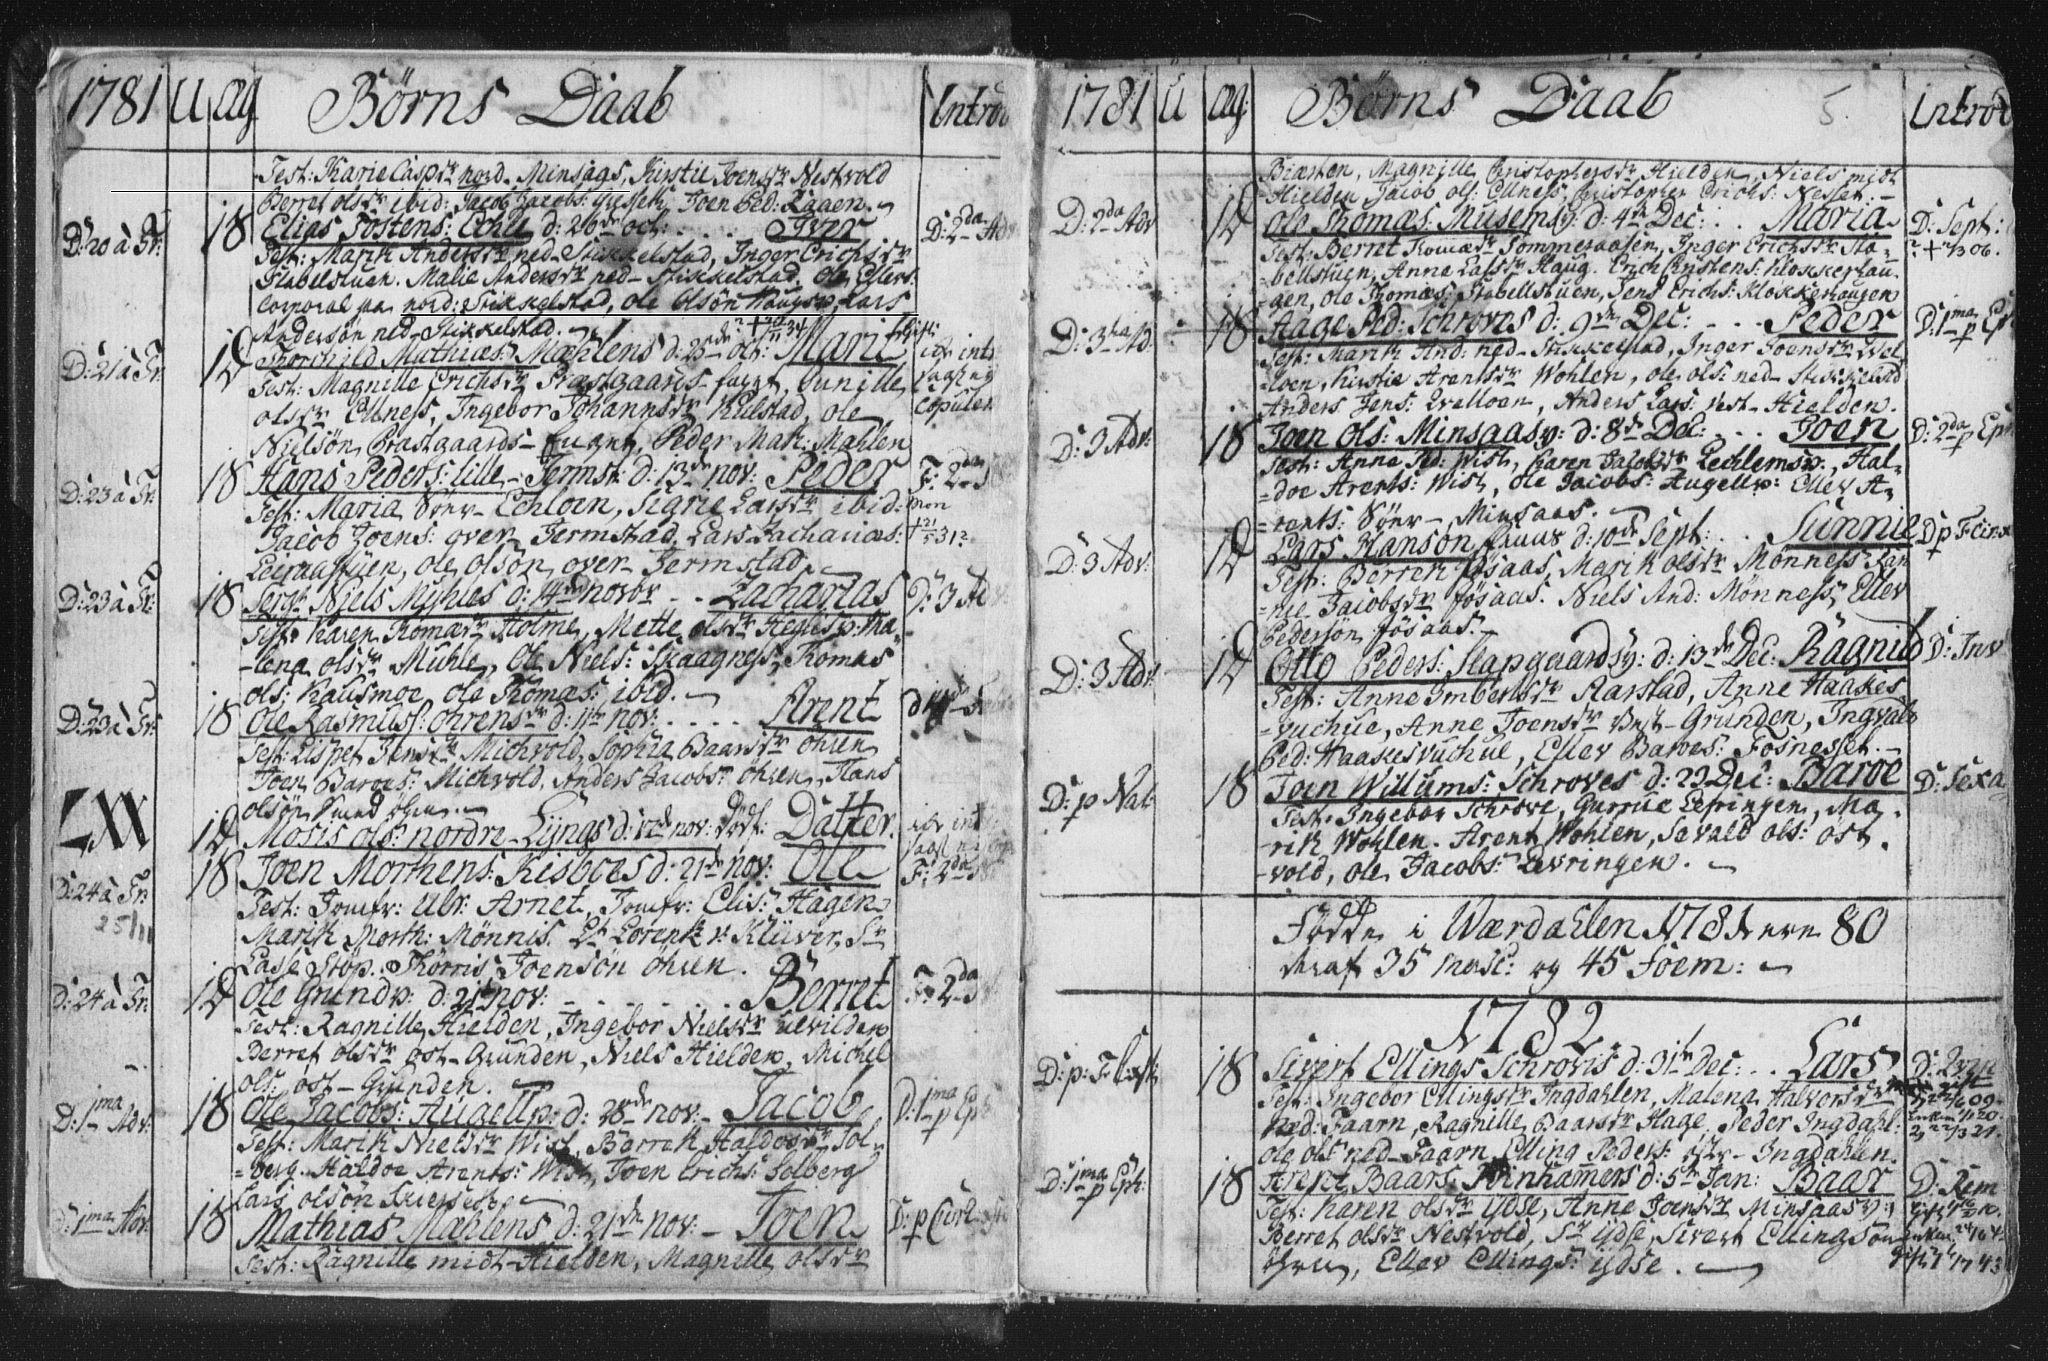 SAT, Ministerialprotokoller, klokkerbøker og fødselsregistre - Nord-Trøndelag, 723/L0232: Ministerialbok nr. 723A03, 1781-1804, s. 5